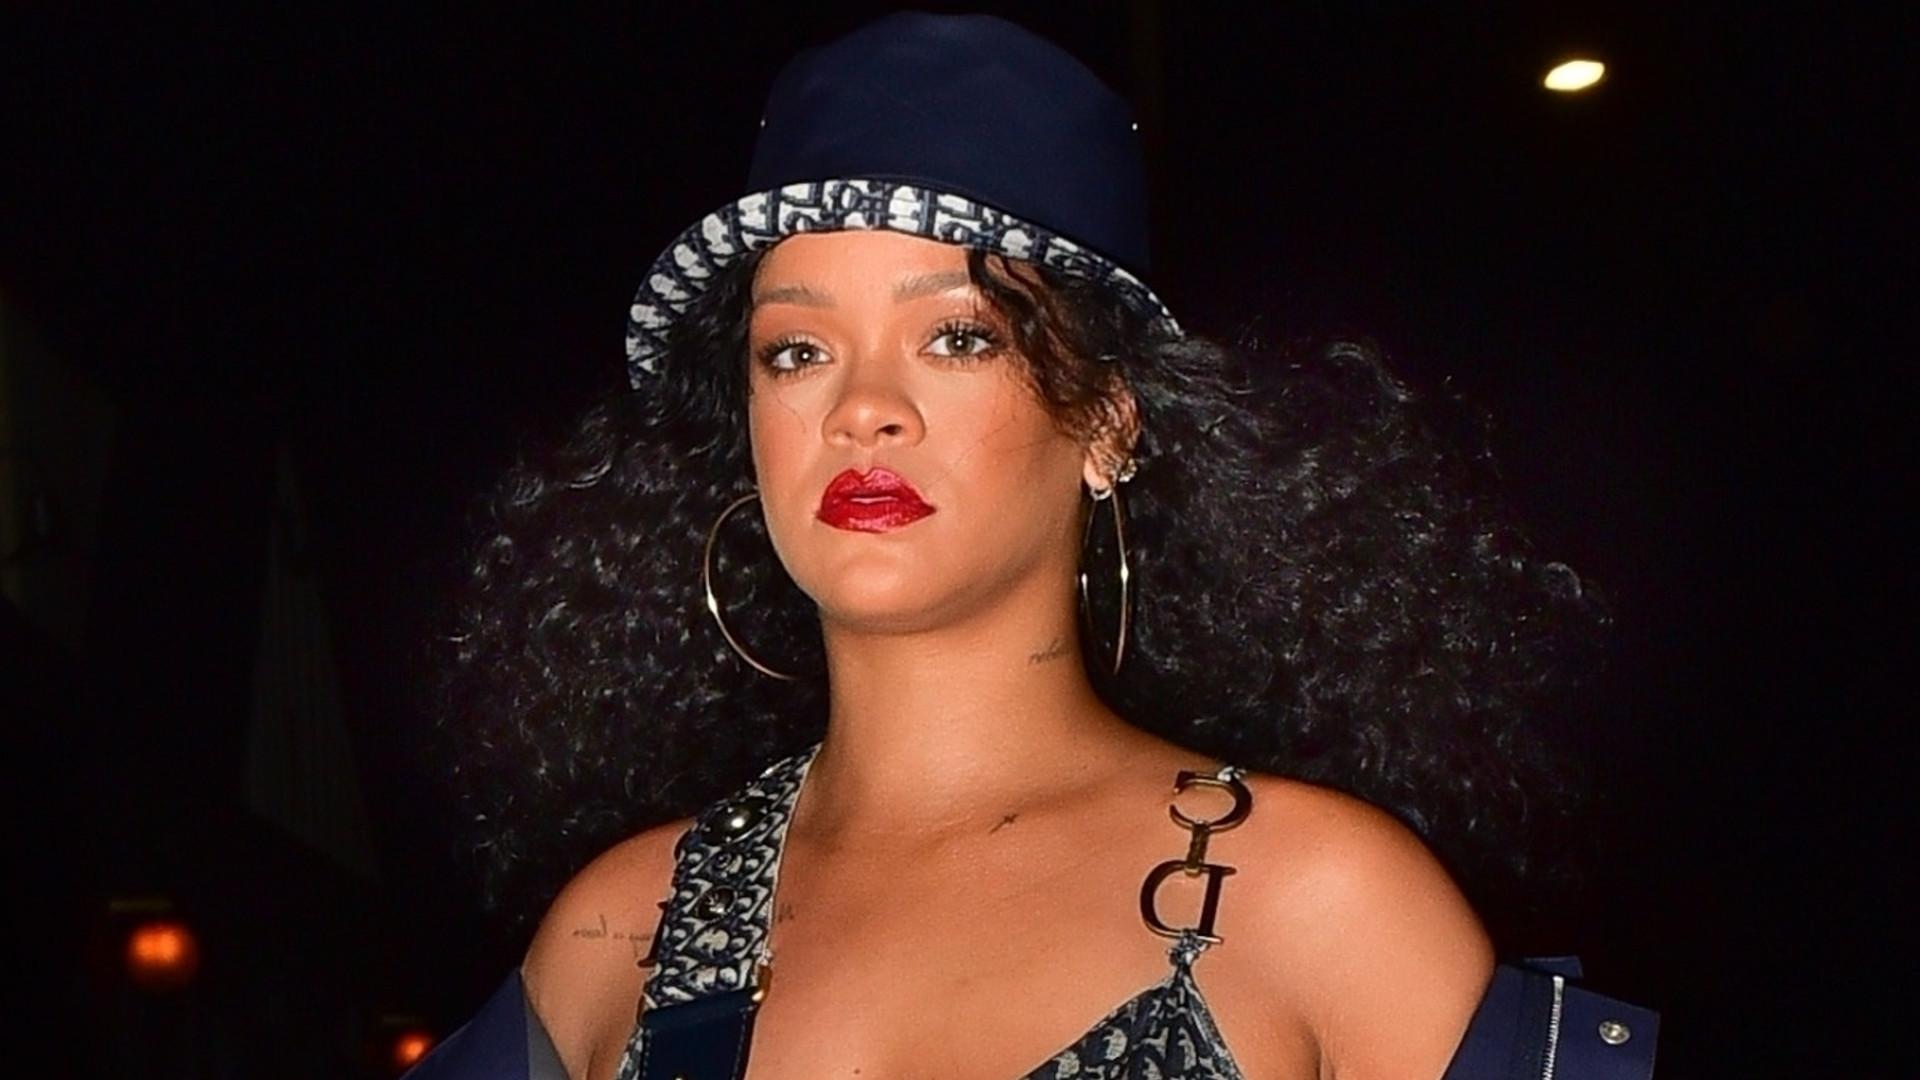 Rihanna cała w rzeczach od Diora – luksusowo czy tandetnie? (ZDJĘCIA)